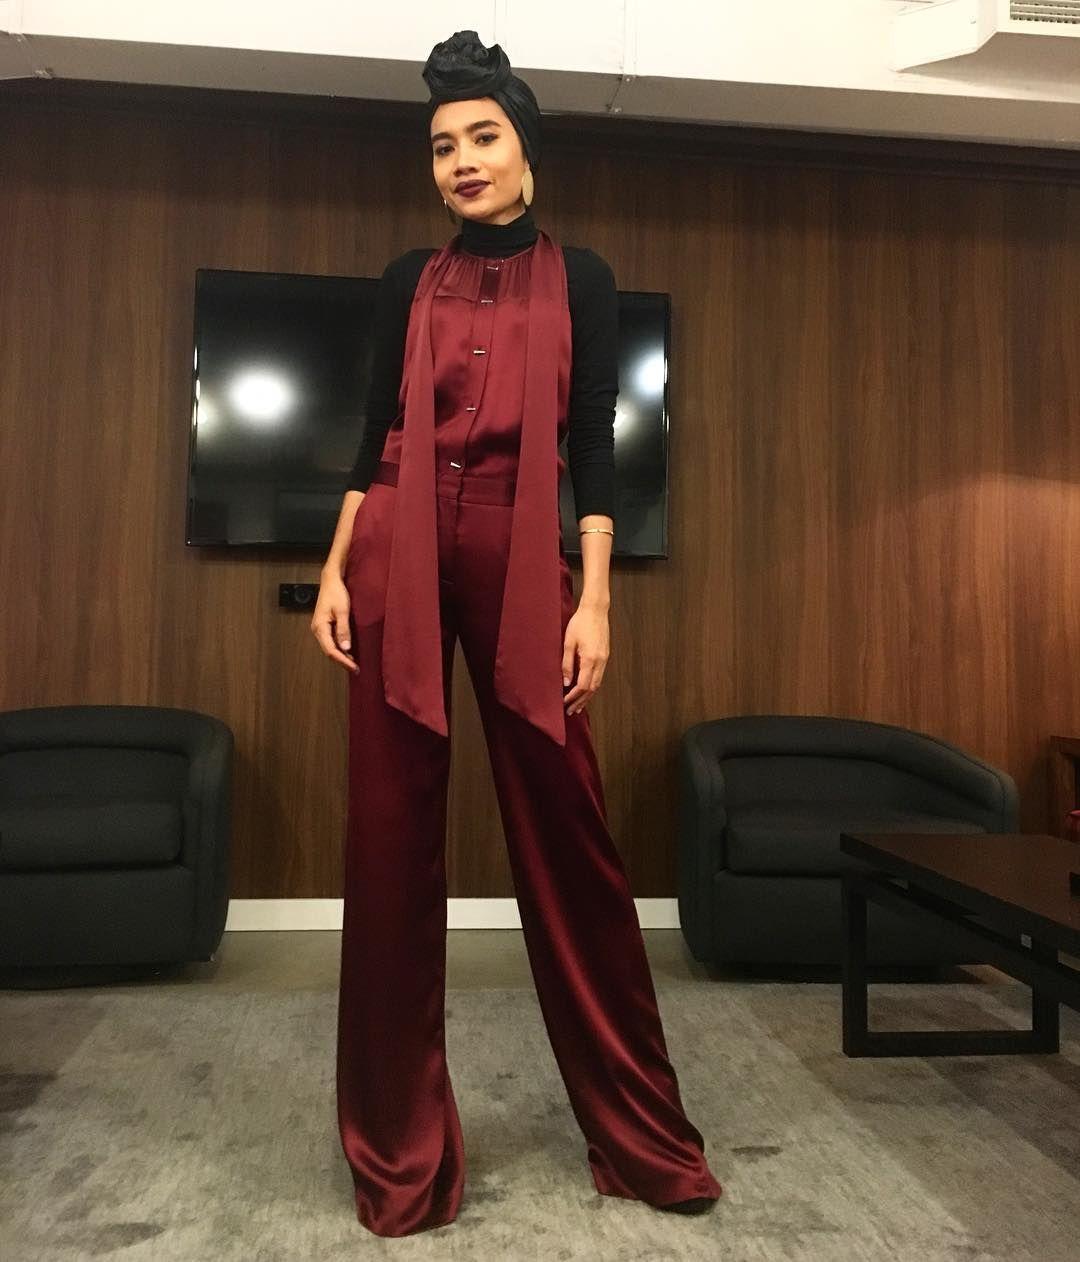 https://www.instagram.com/ | Fashion, Hijab trends